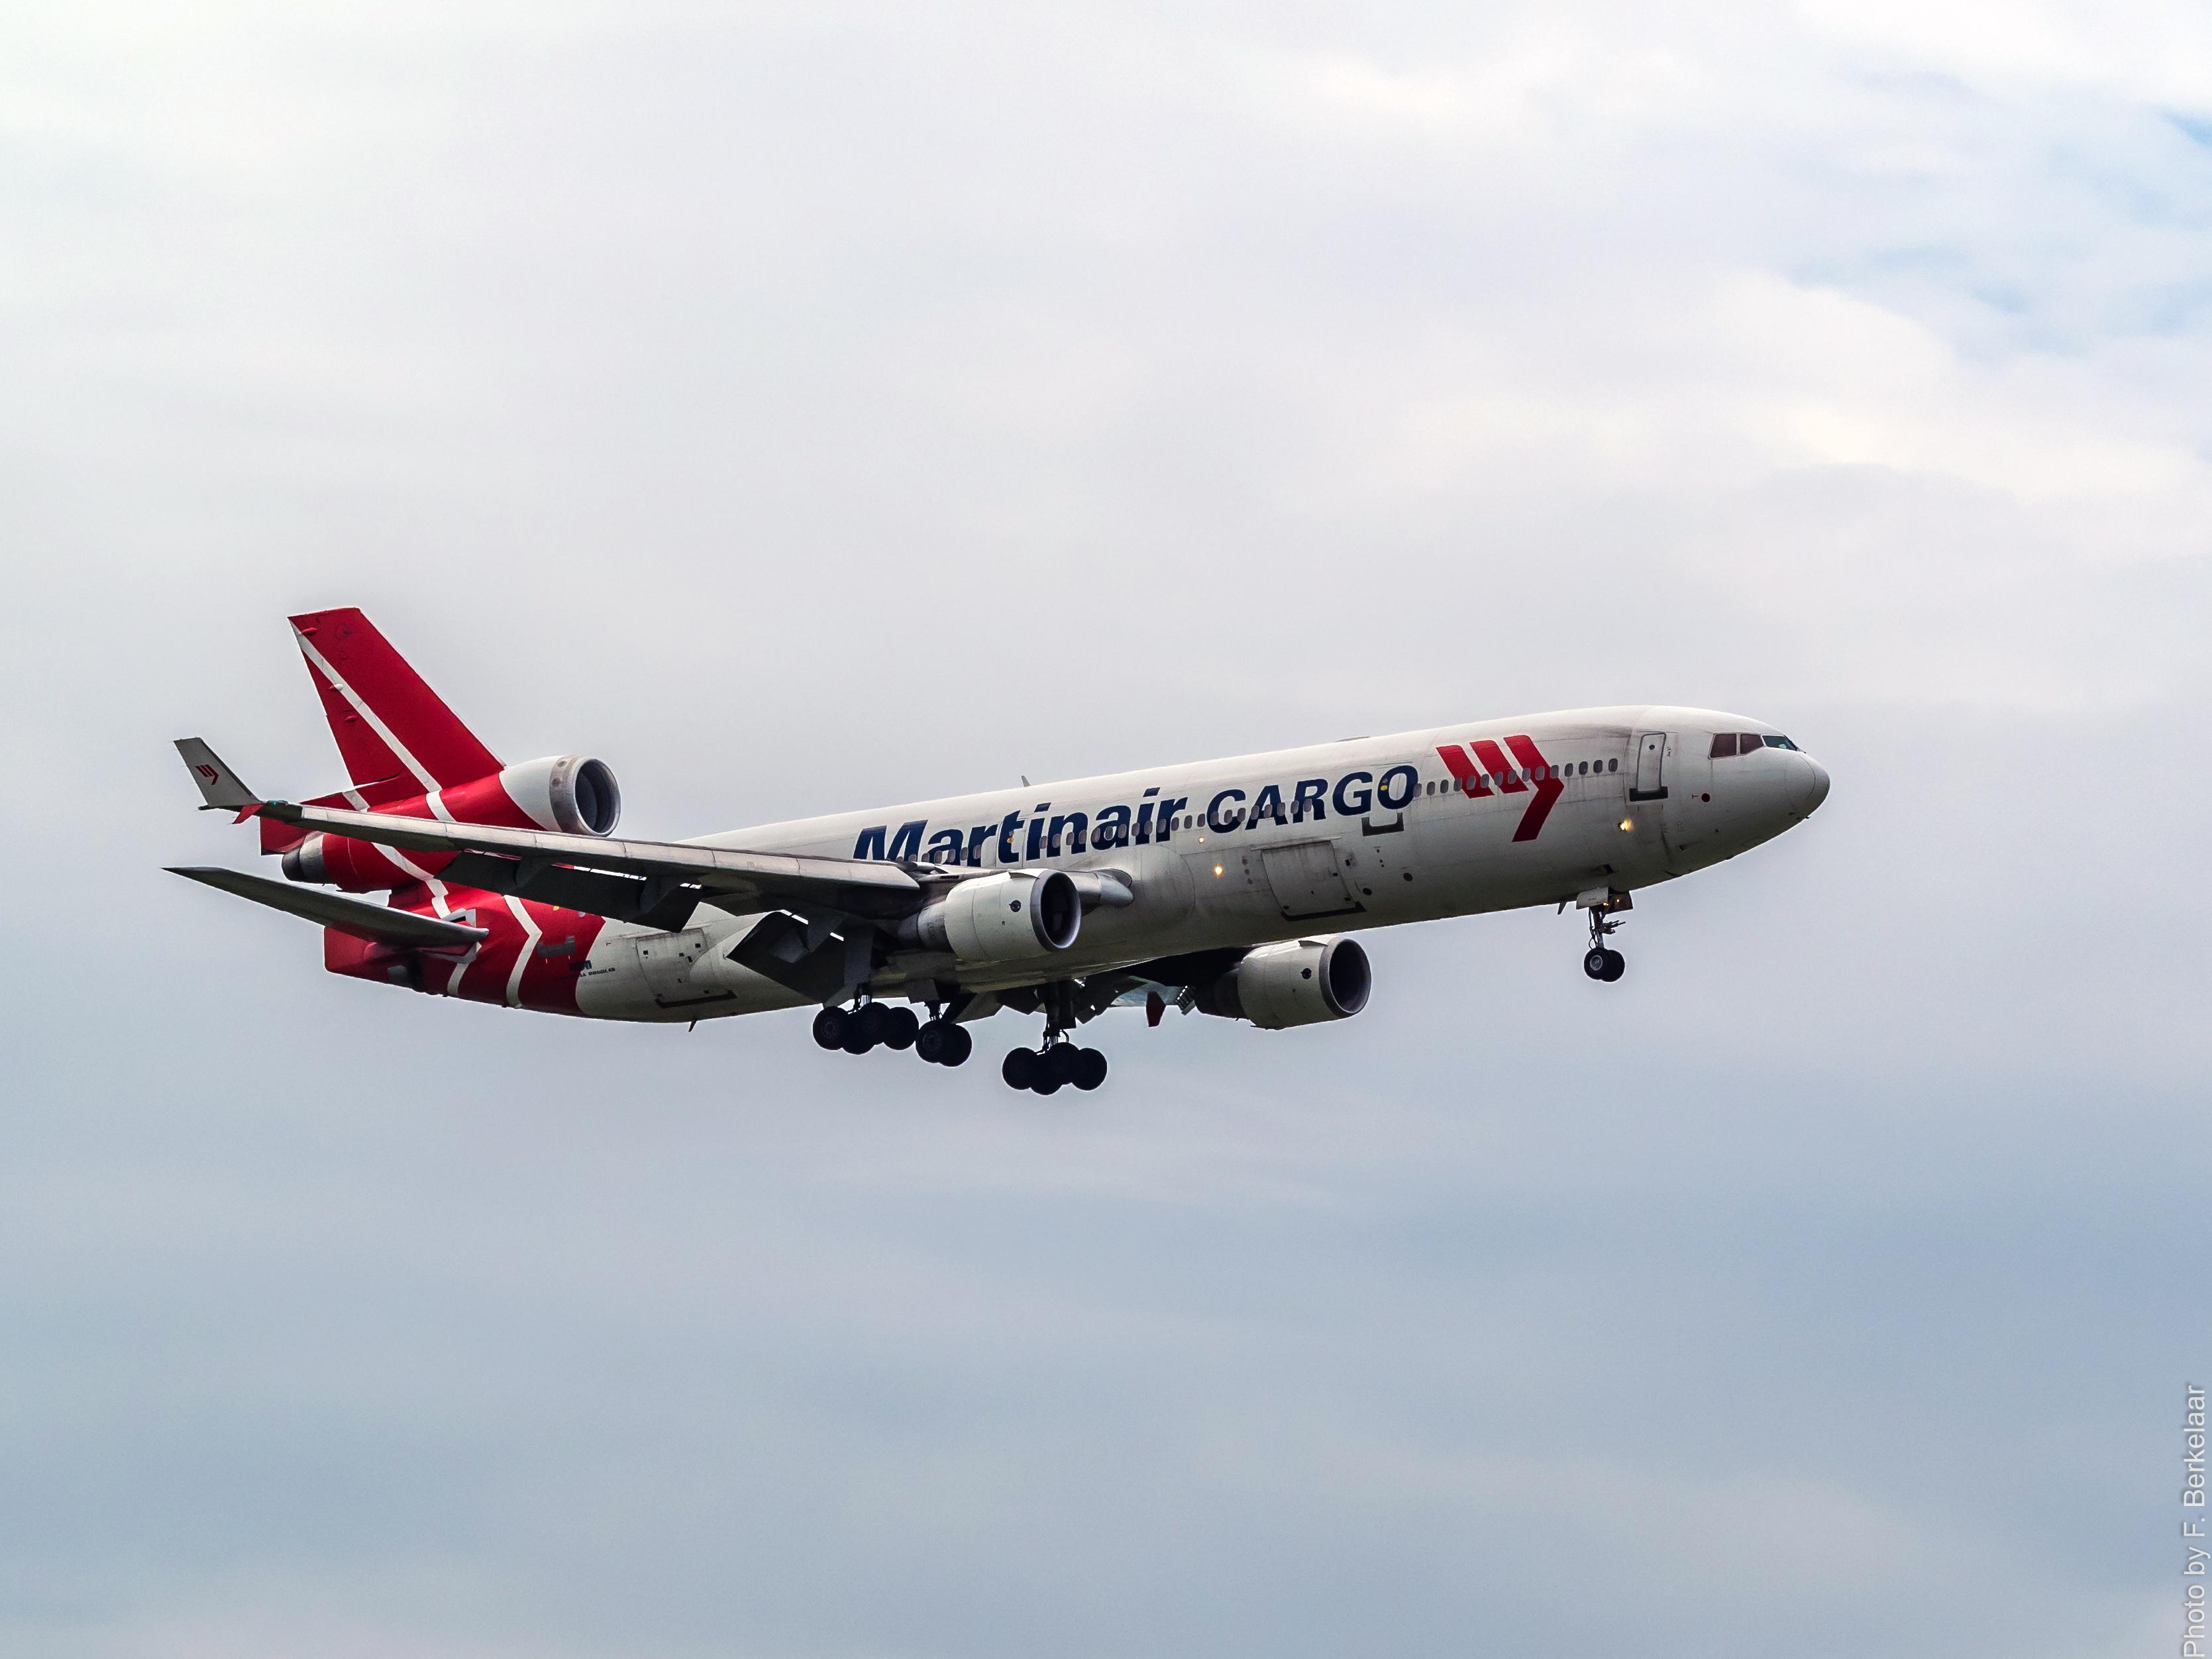 hình ảnh : Máy bay, phi cơ, Xe, Hãng hàng không, Hàng không, chuyến